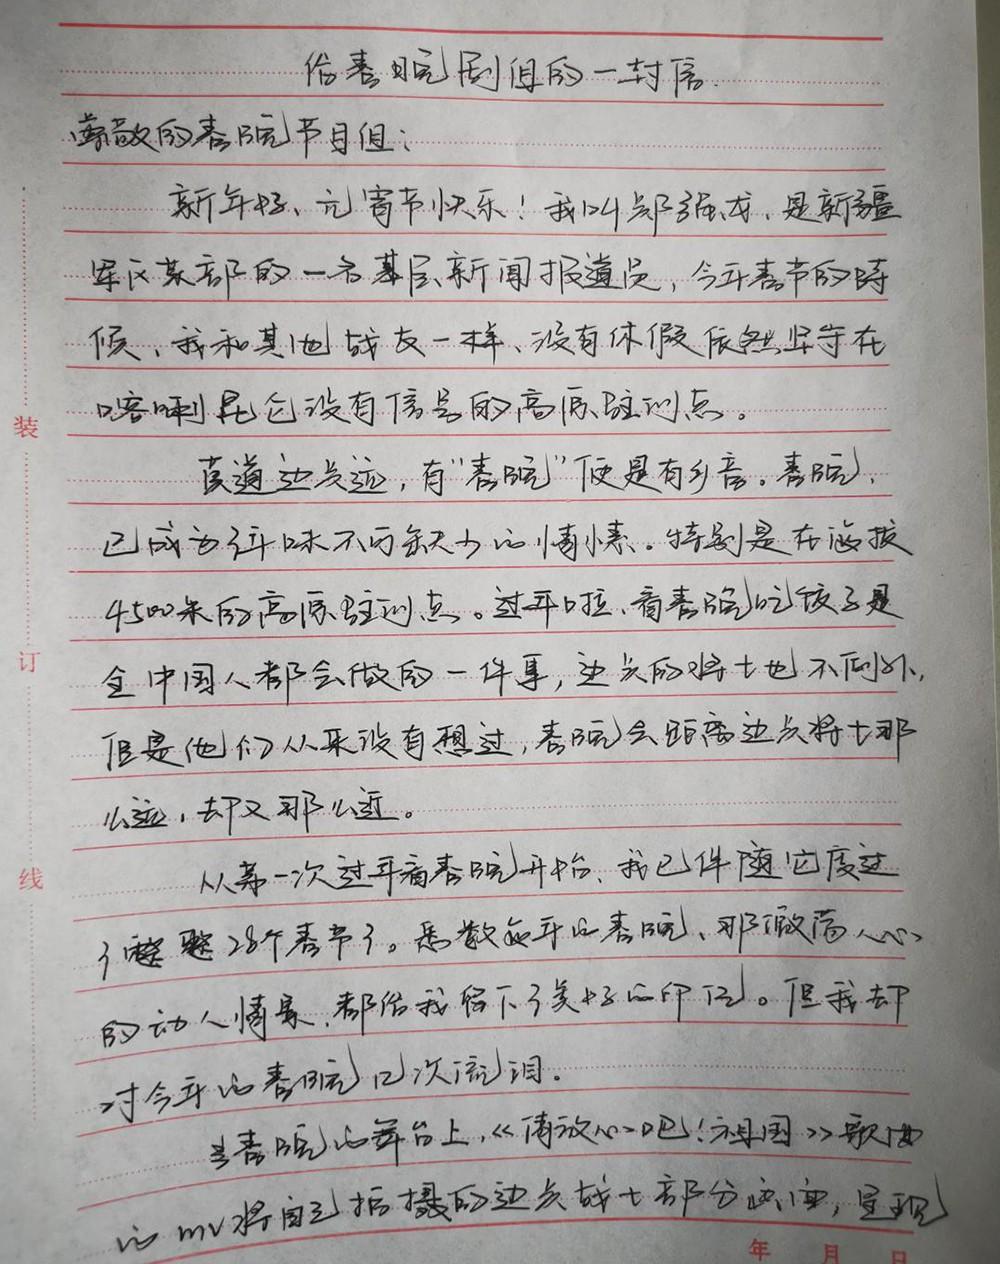 郑强龙1.jpg